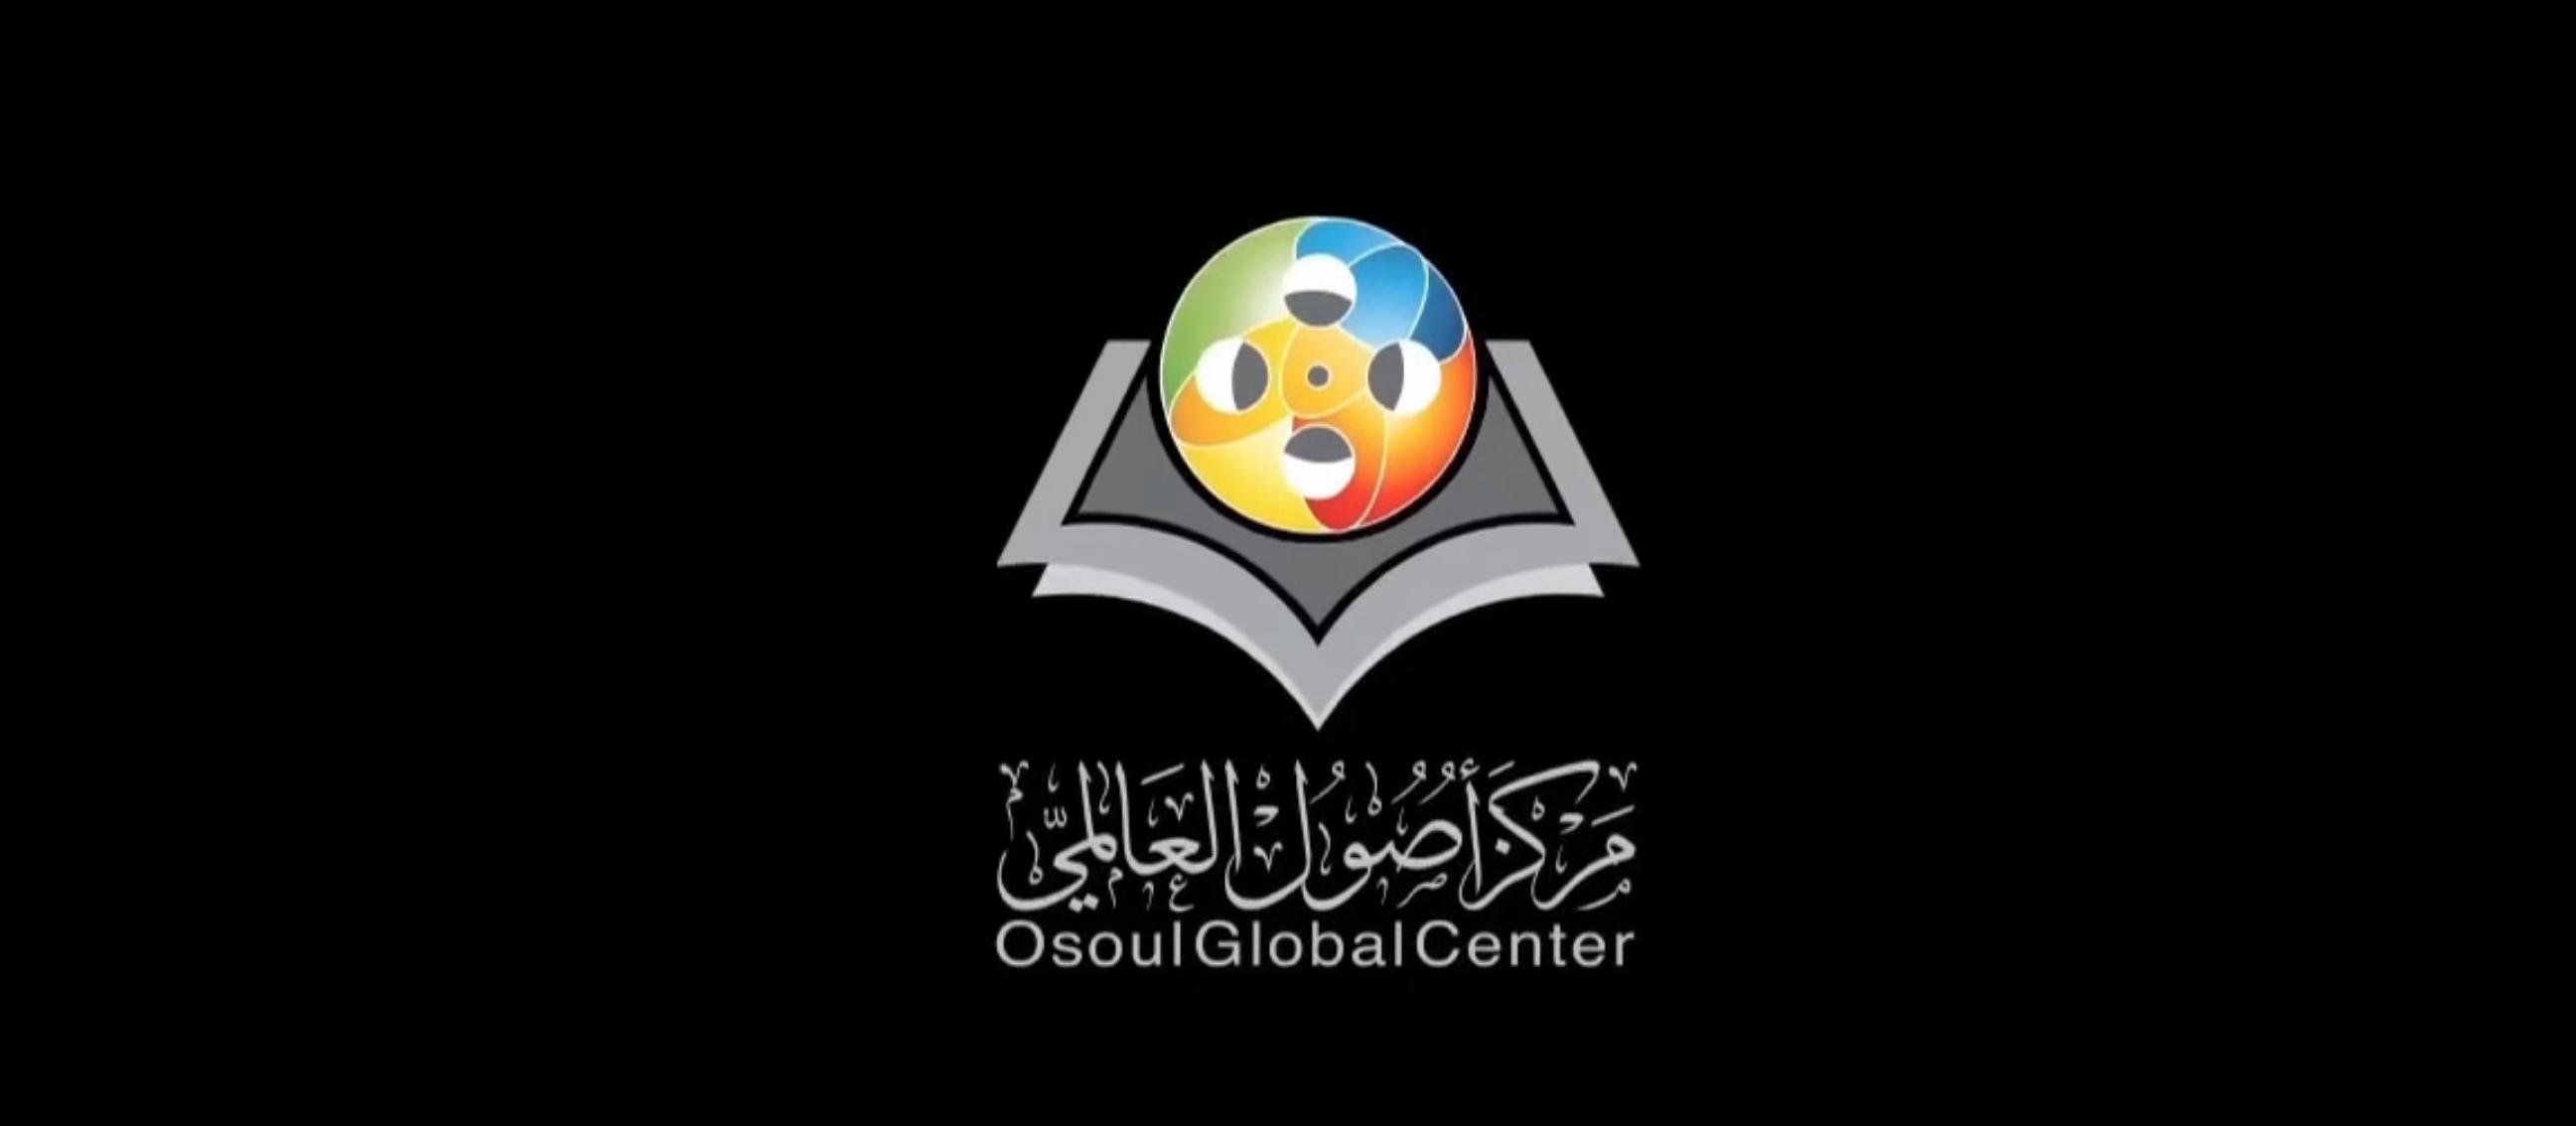 مركز أصول يوقع اتفاقية شراكة مع مؤسسة مدار البرمجة المنتجة لتطبيقات المصلي والمطوف وذكر ومصحف المدينة والمسجد